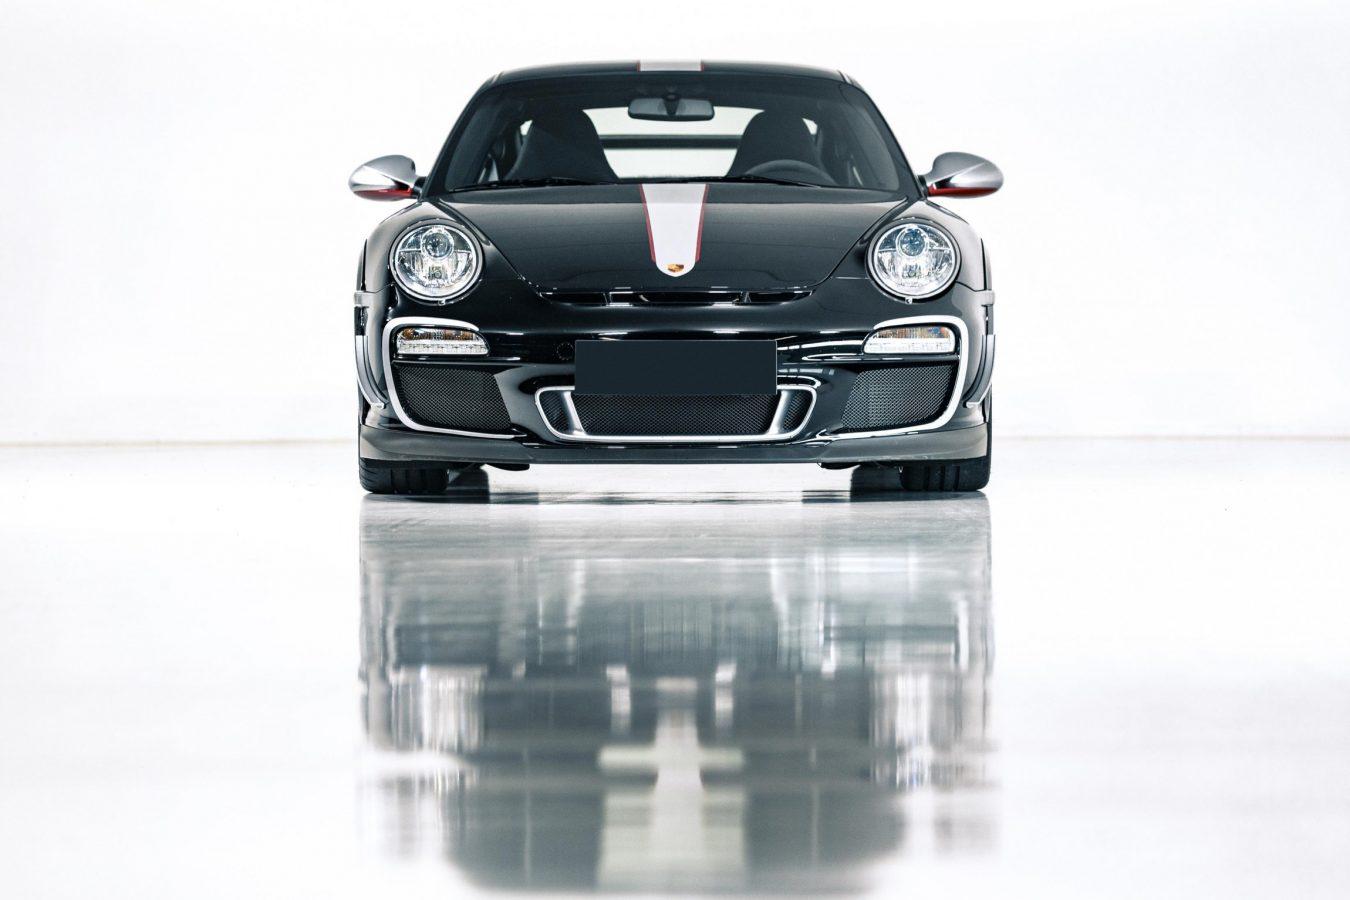 Porsche 997.2 GT3 17